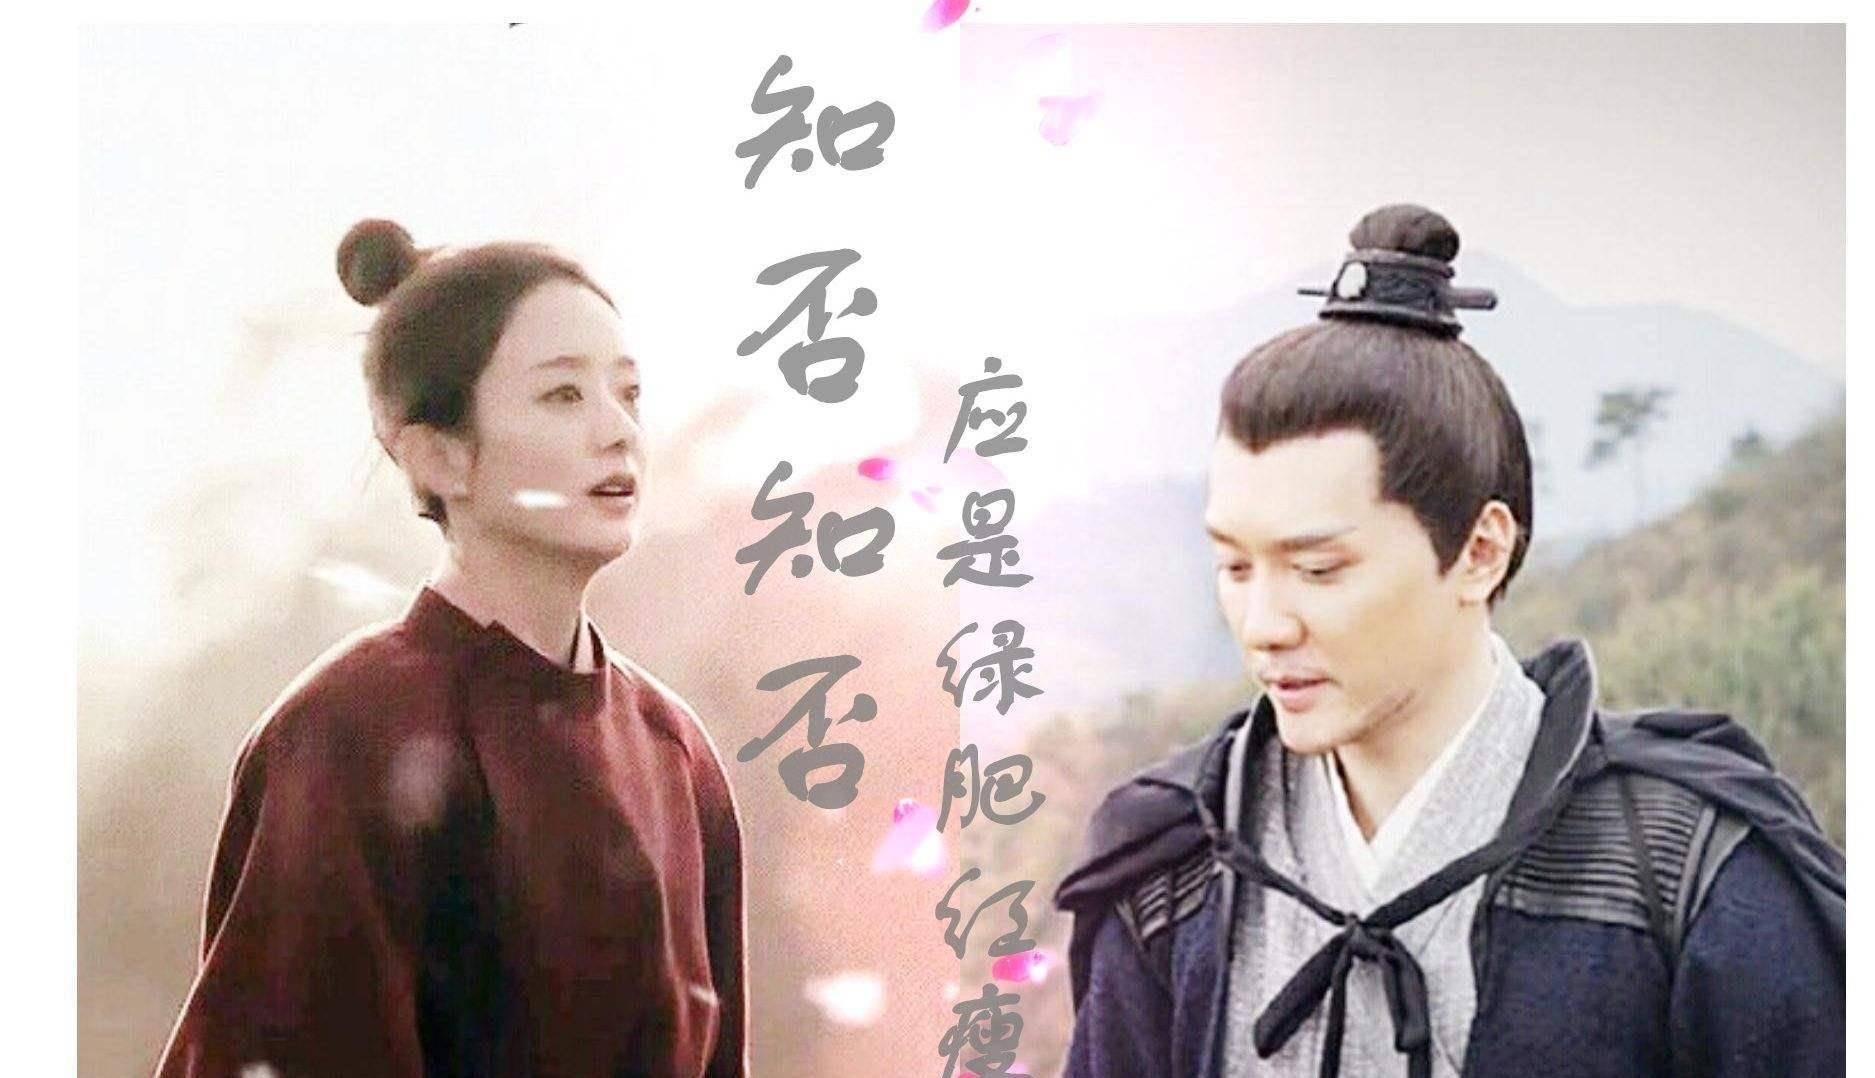 赵丽颖与冯绍峰离婚后,现实爱情剧却要来袭,还有特别嘉宾竟是他